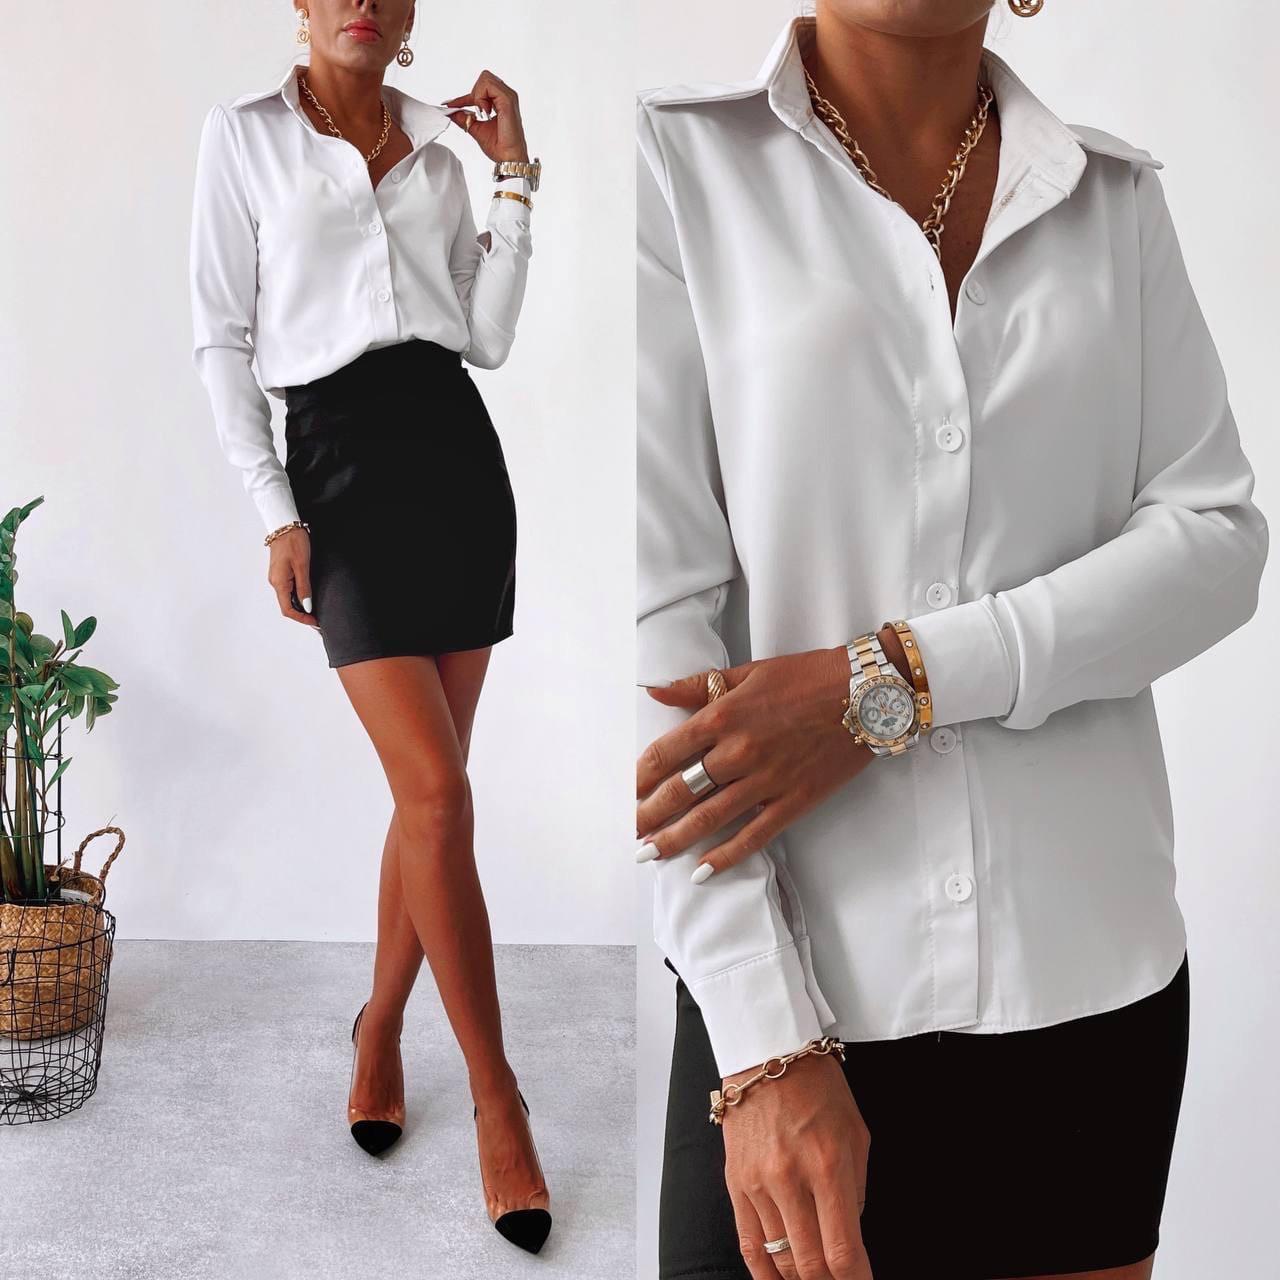 Класична жіноча сорочка в діловому стилі